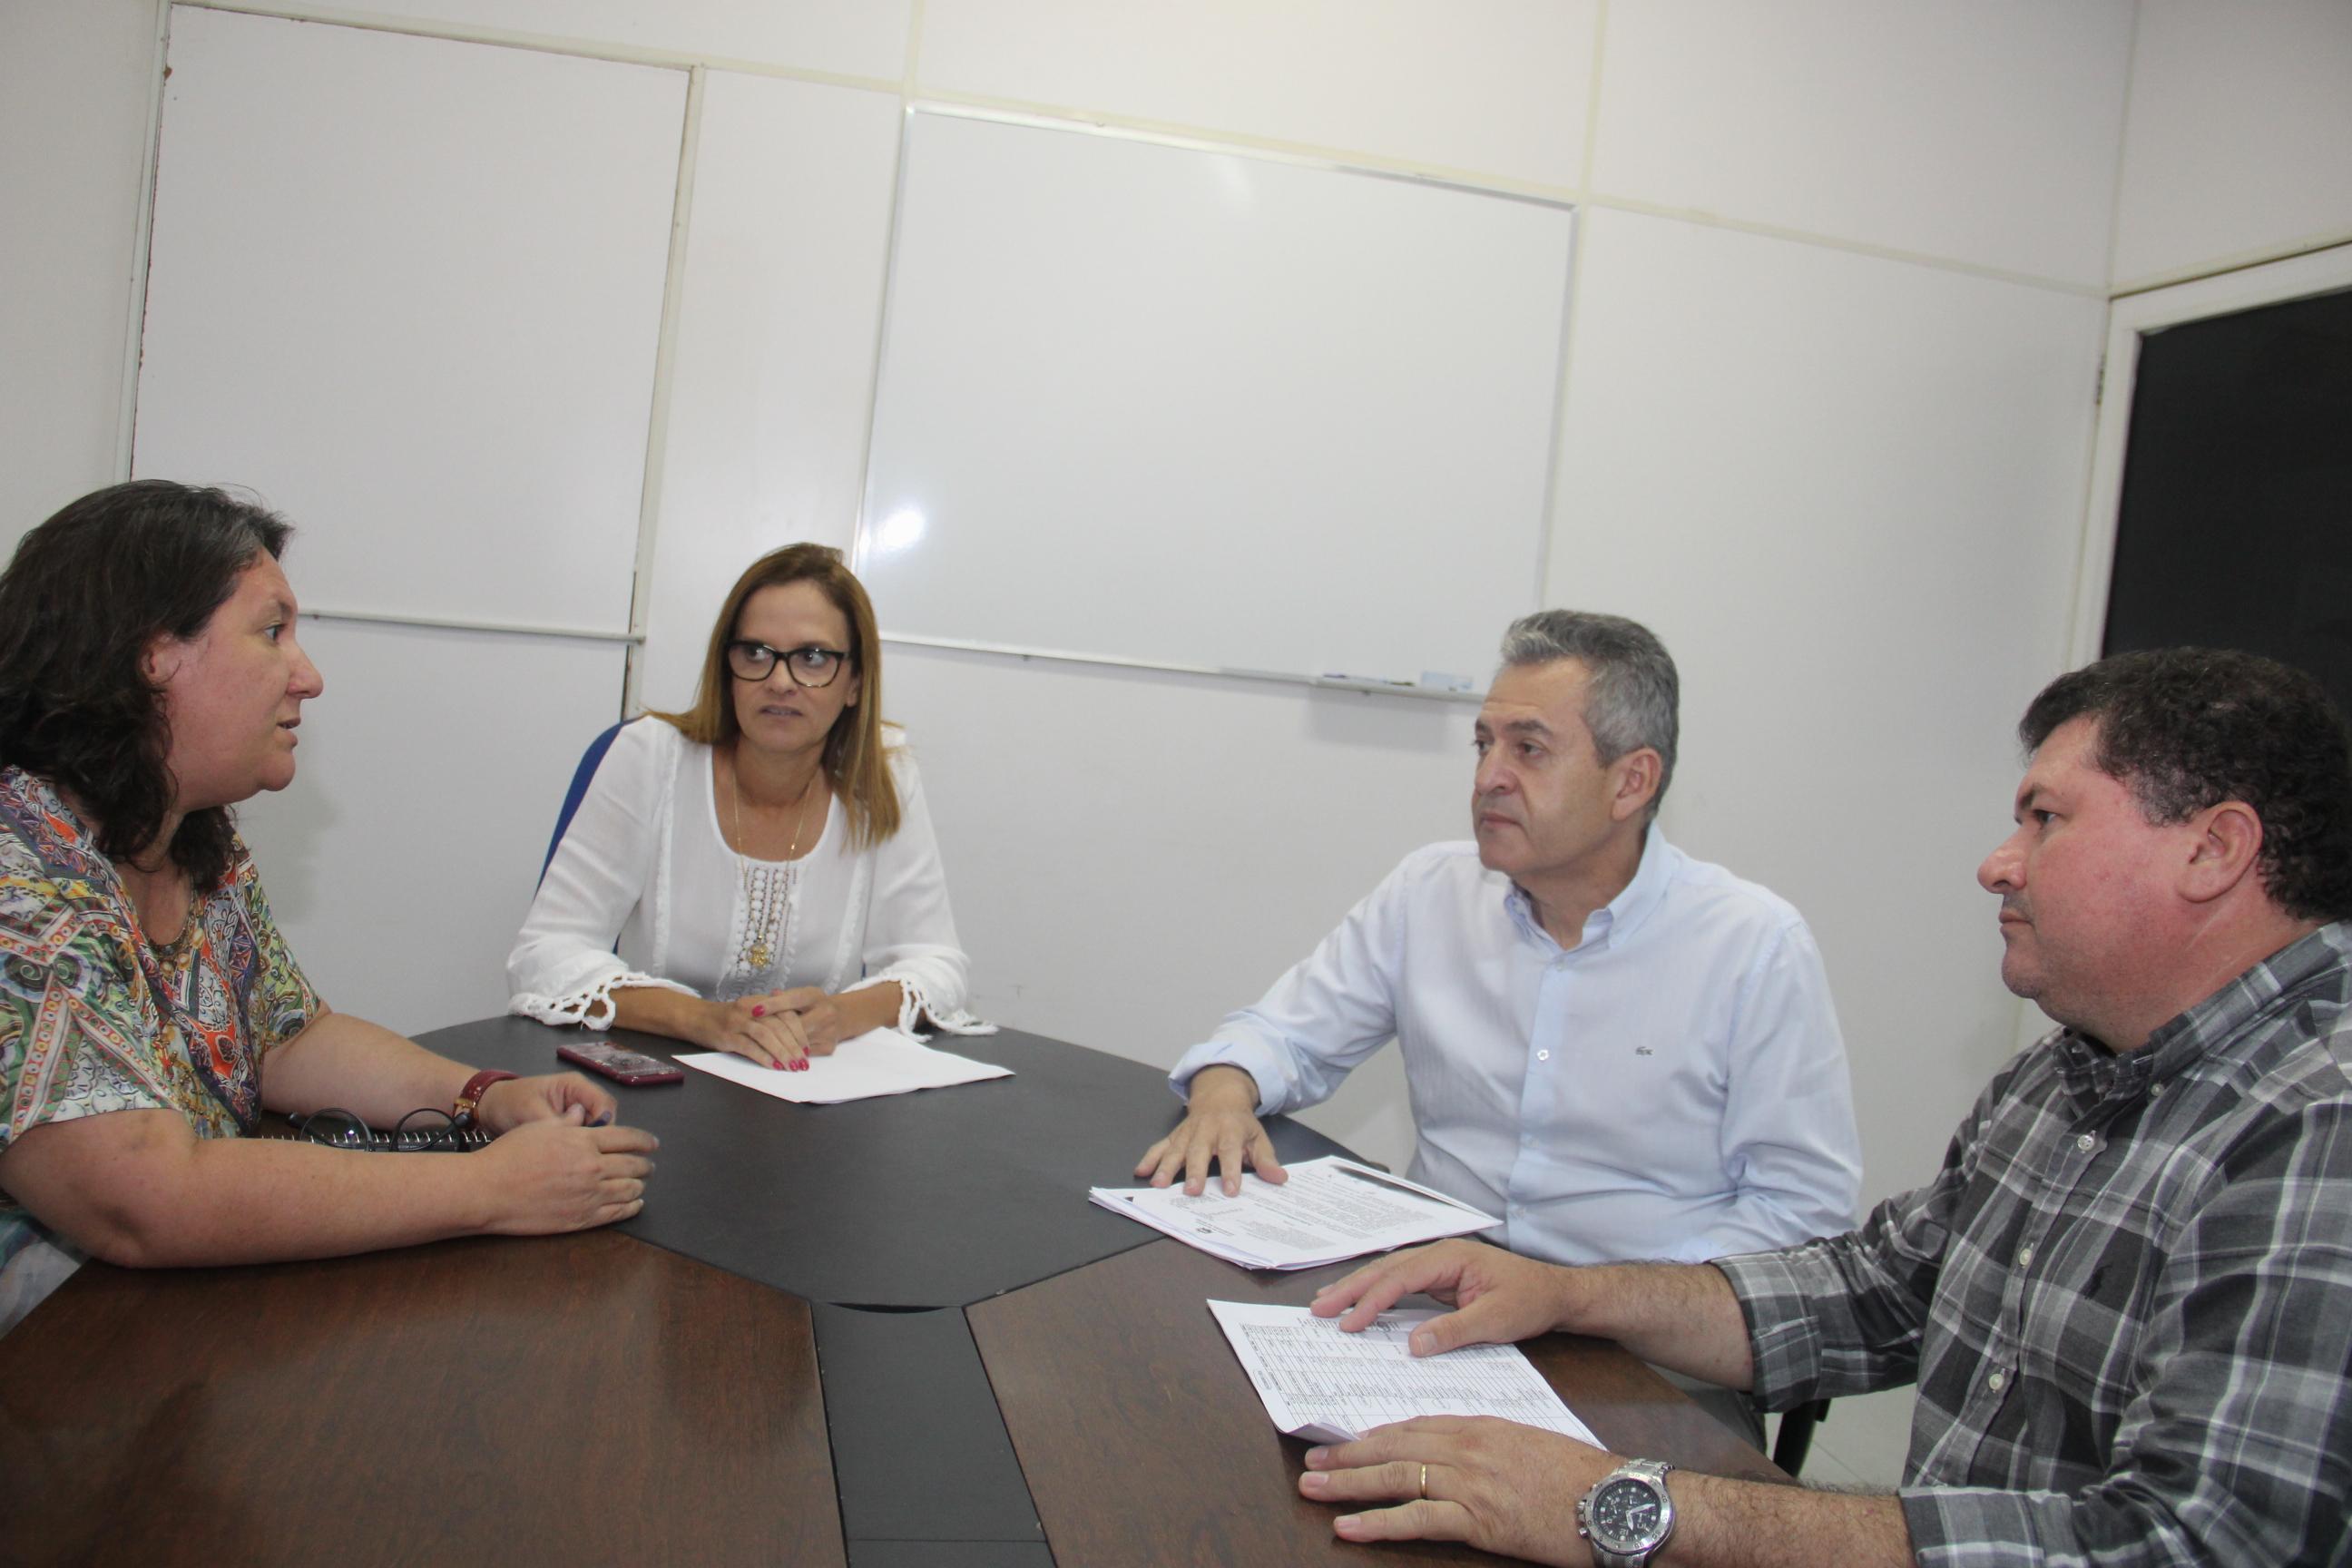 Aurélia Fernandes e sua equipe técnica reunida com o médico Ulisses Pereira